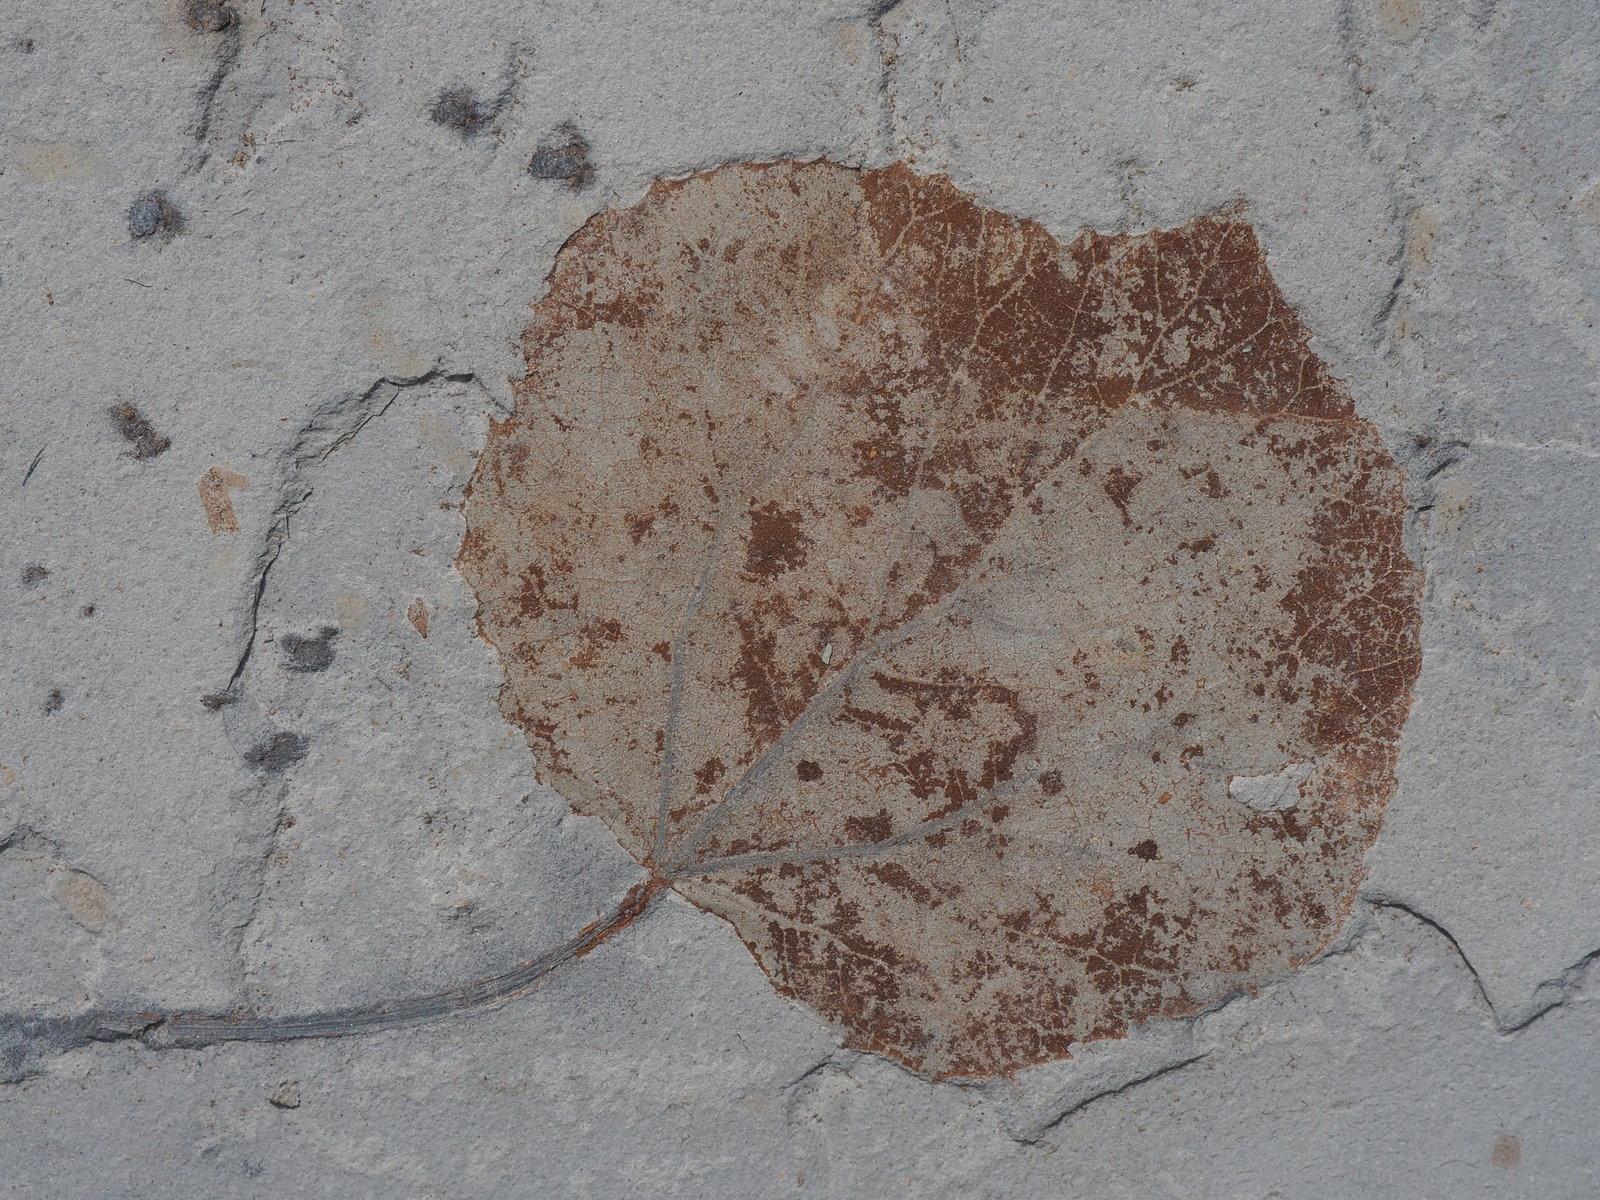 Populus willershausensis KNOBLOCH, 1998